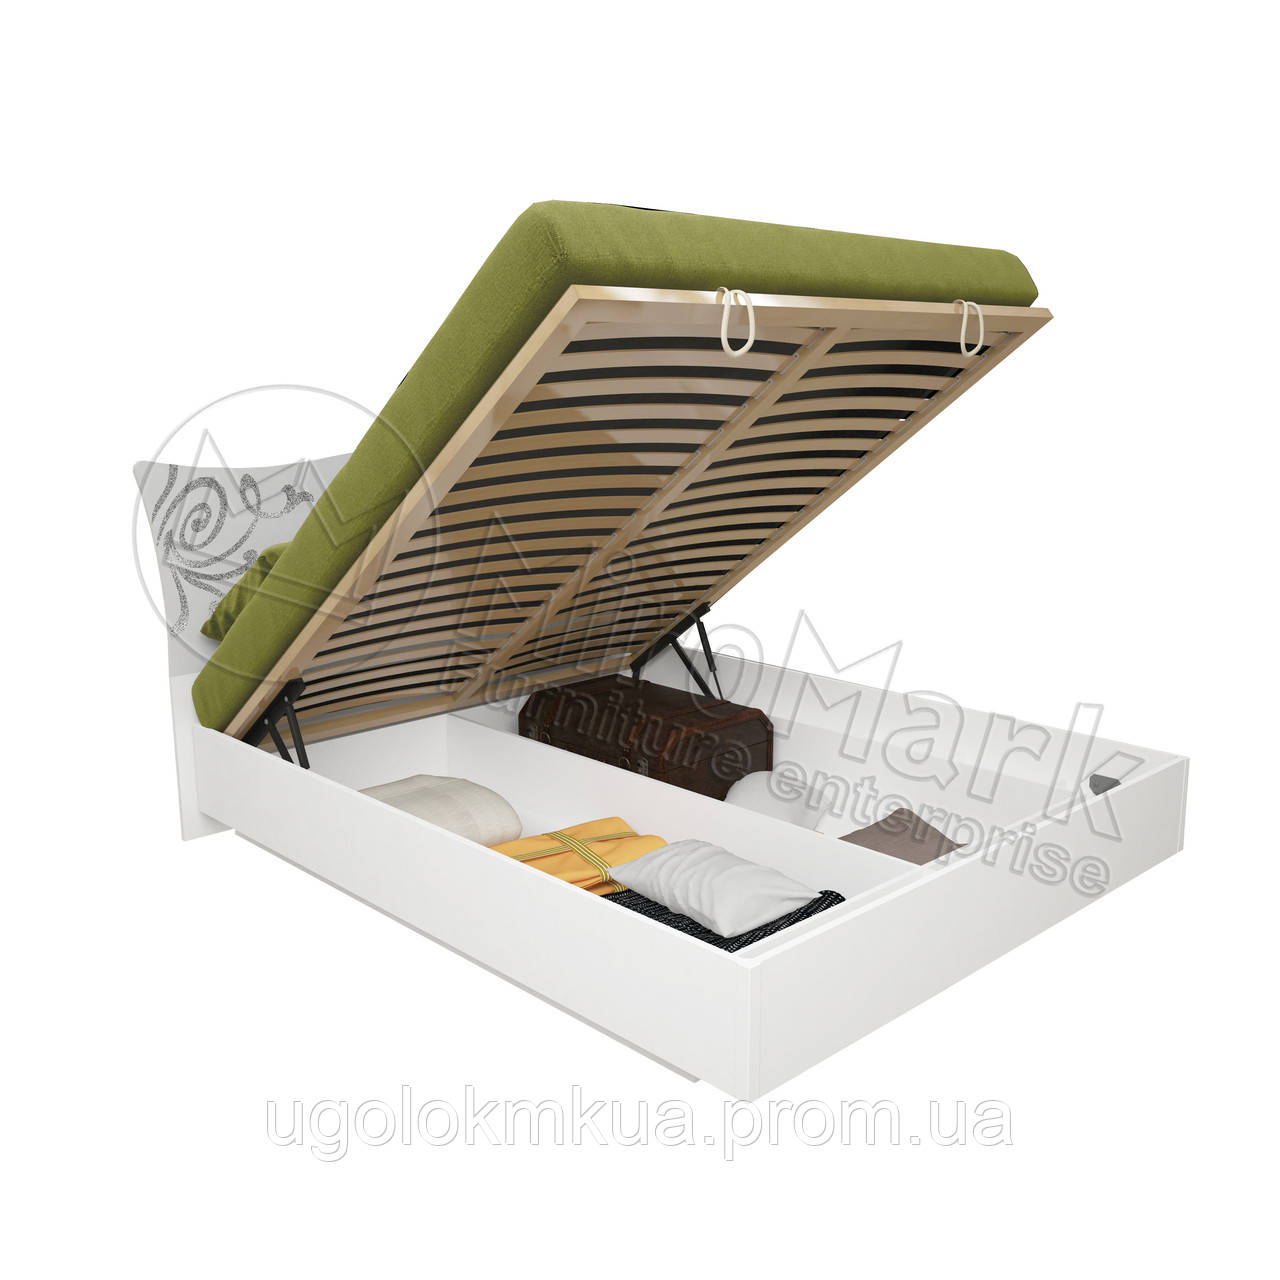 Спальня Богема белый глянец кровать 1,80*2,00 с подъемным механизмом с каркасом